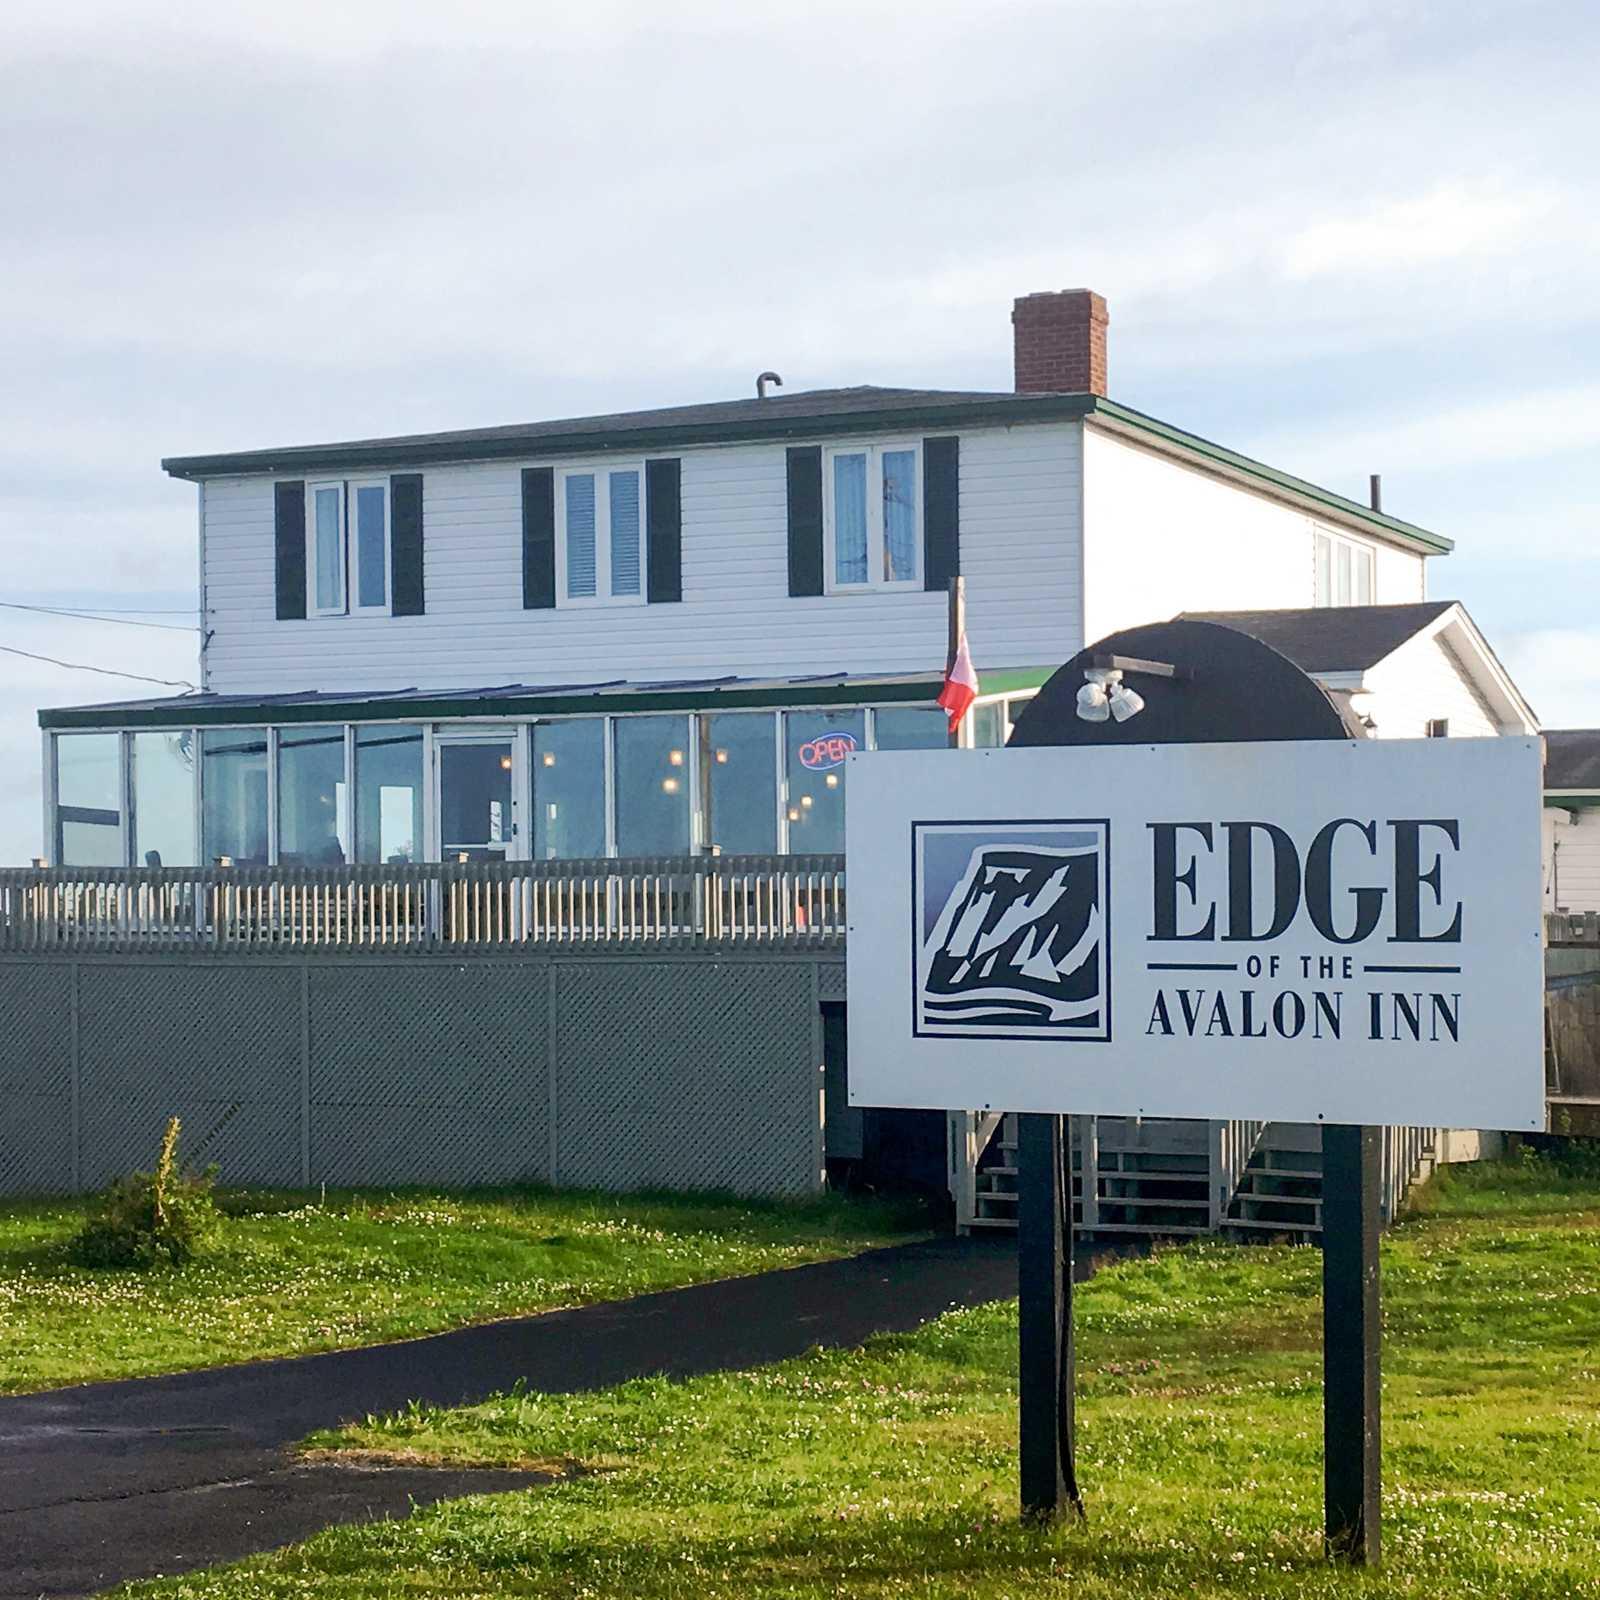 Edge of the Avalon Inn